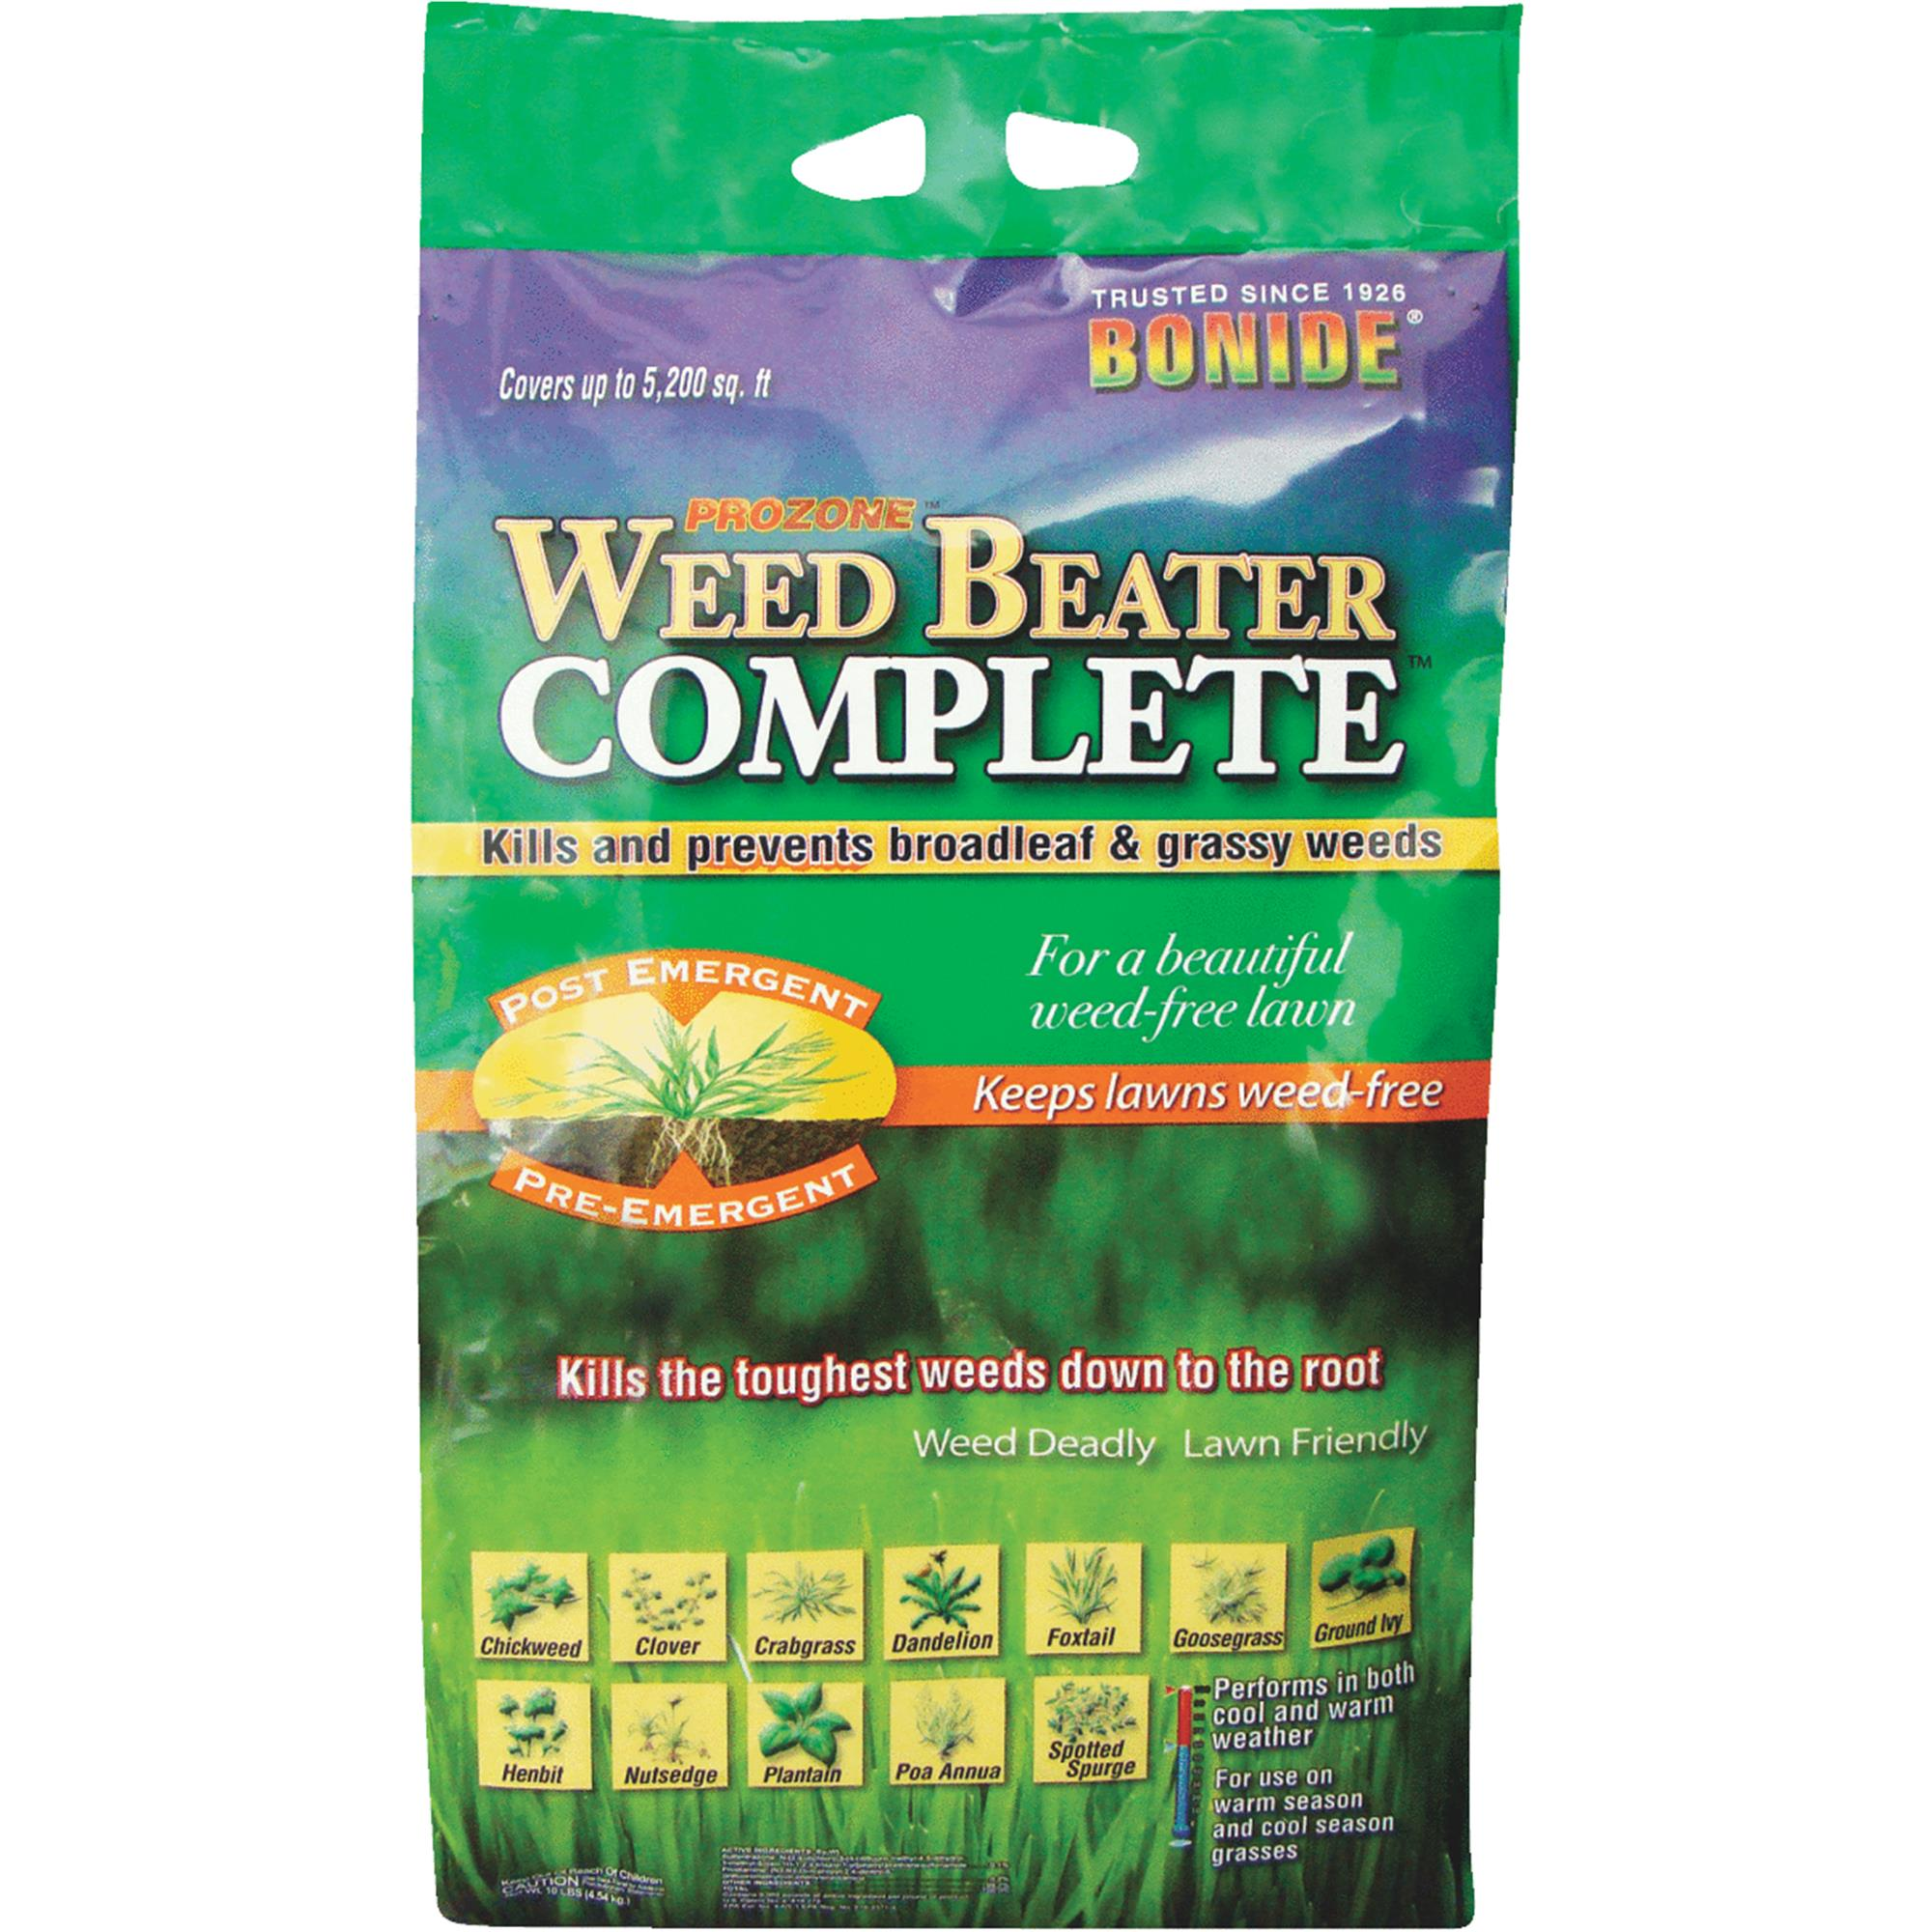 Bonide Weed Beater Complete Weed Killer